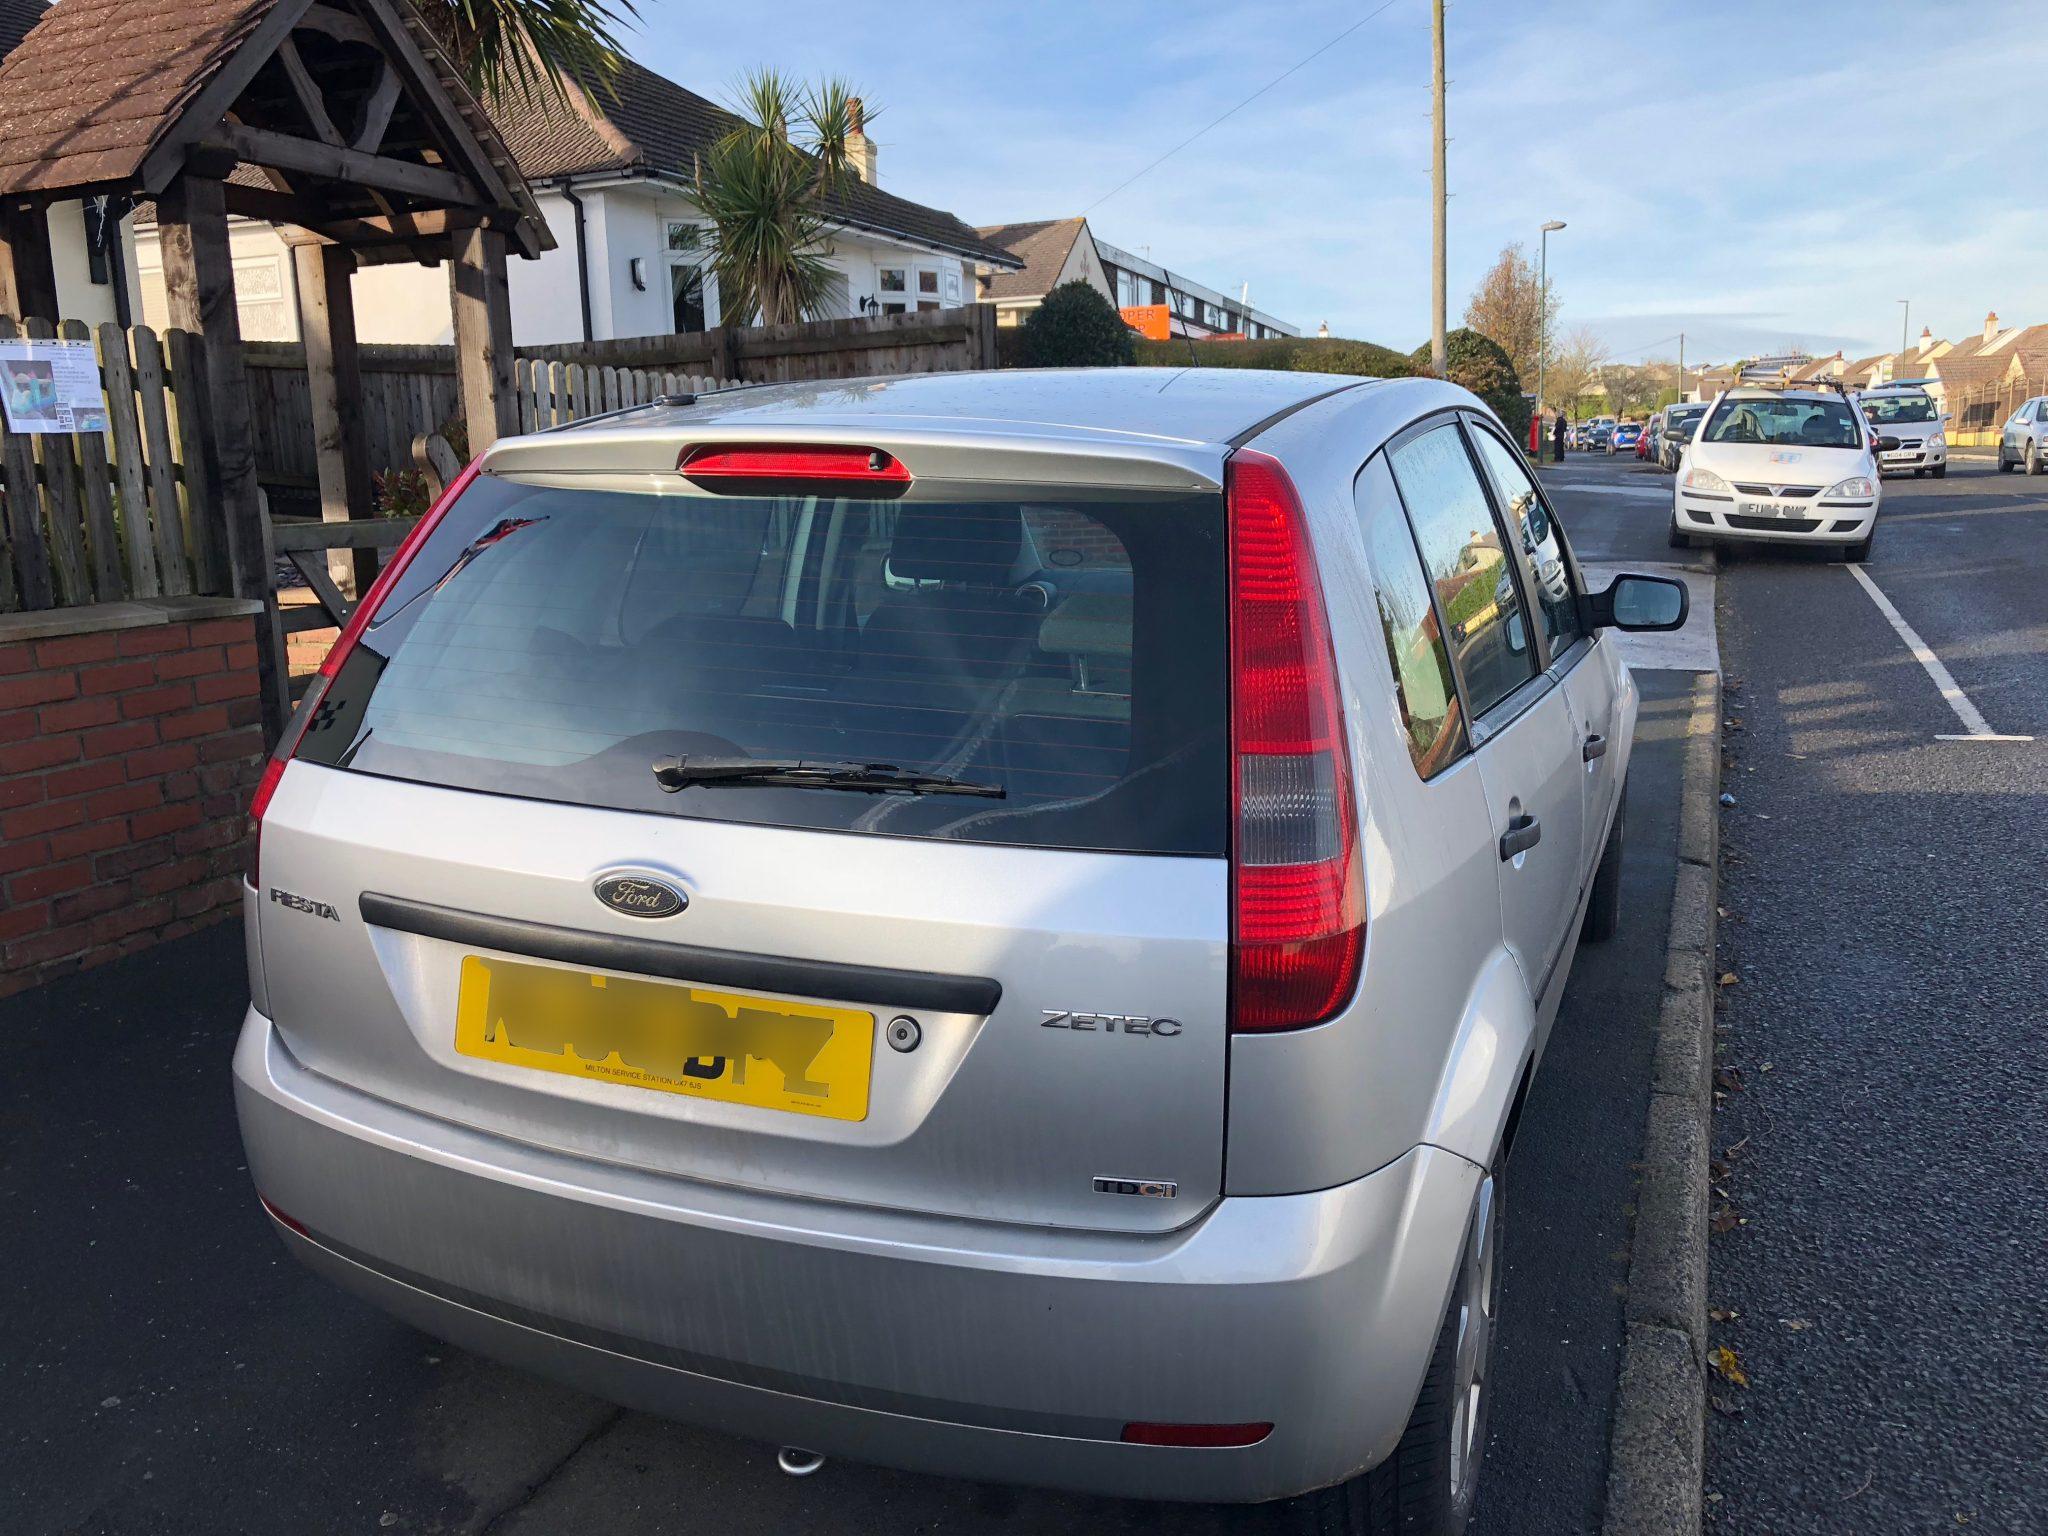 Ford Fiesta Smashed Rear Windscreen